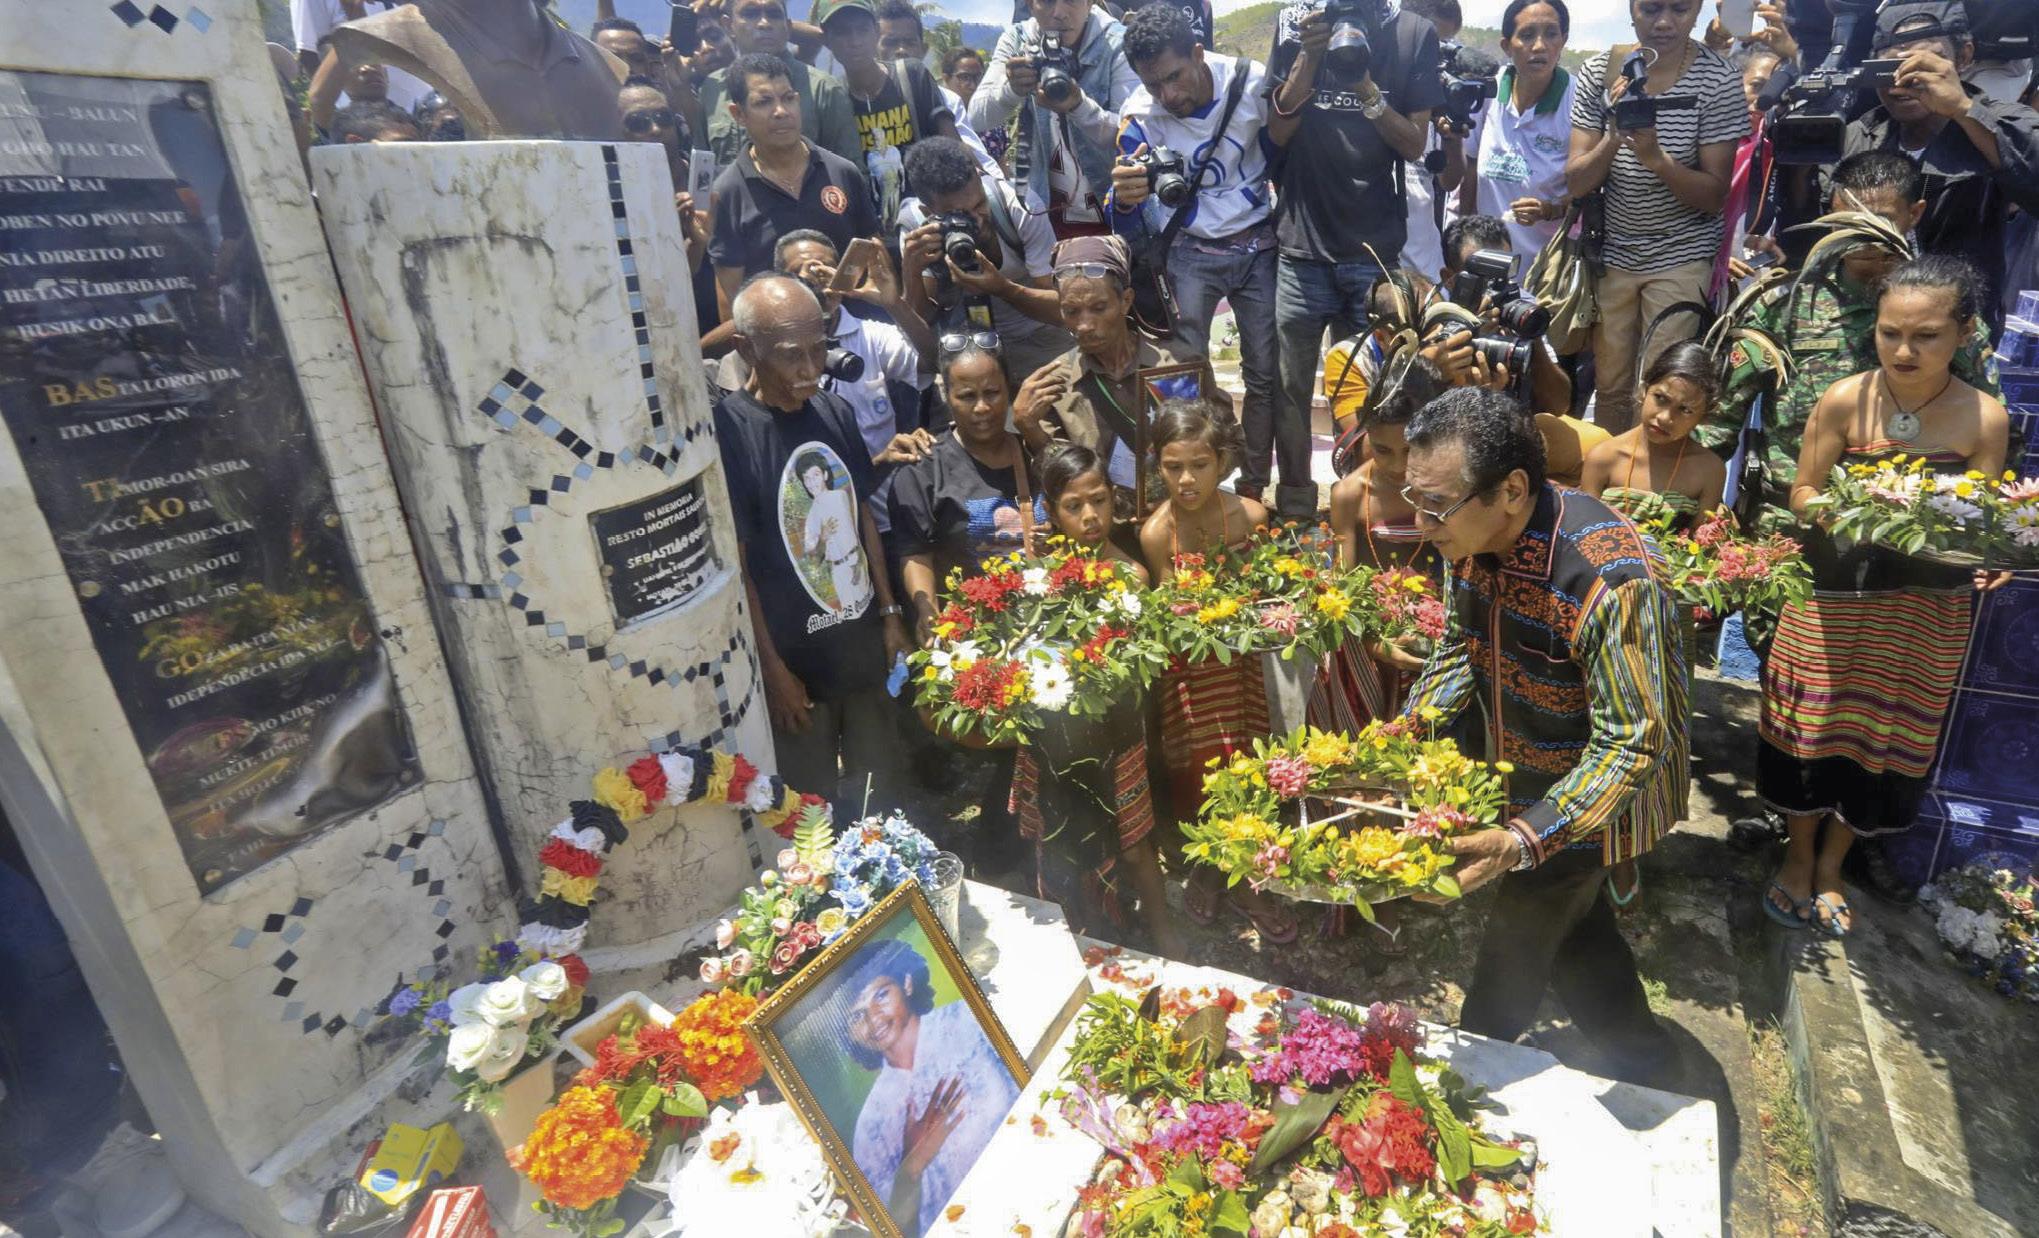 Presidente da República de Timor Leste, homenageia as vítimas do massacre no cemiterio de Santa Cruz.